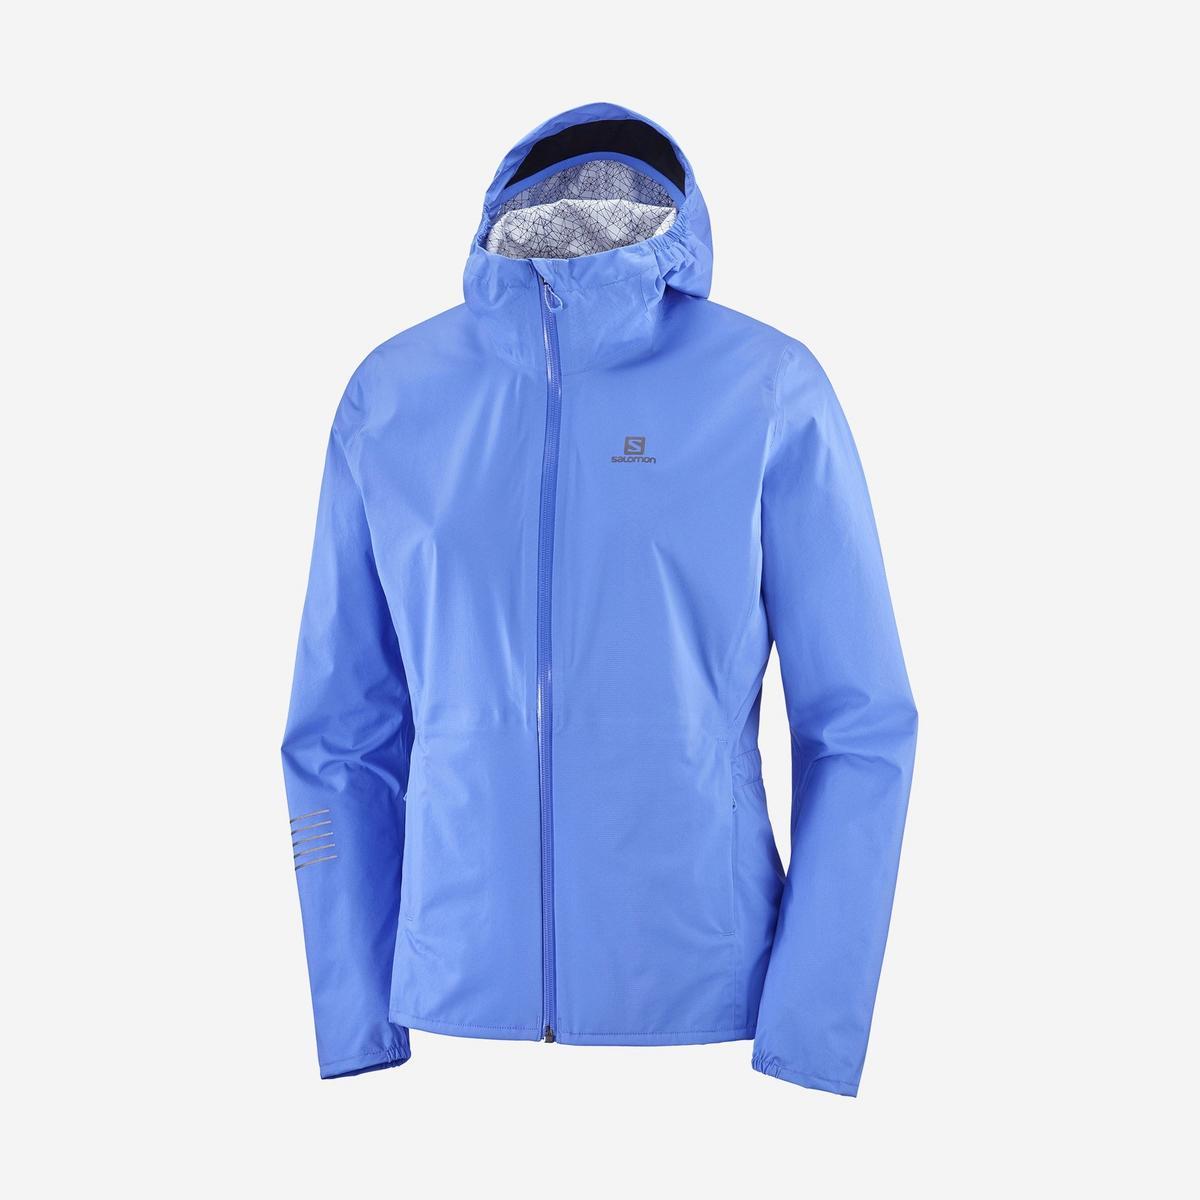 Salomon Women's Lightning Waterproof Jacket - Blue